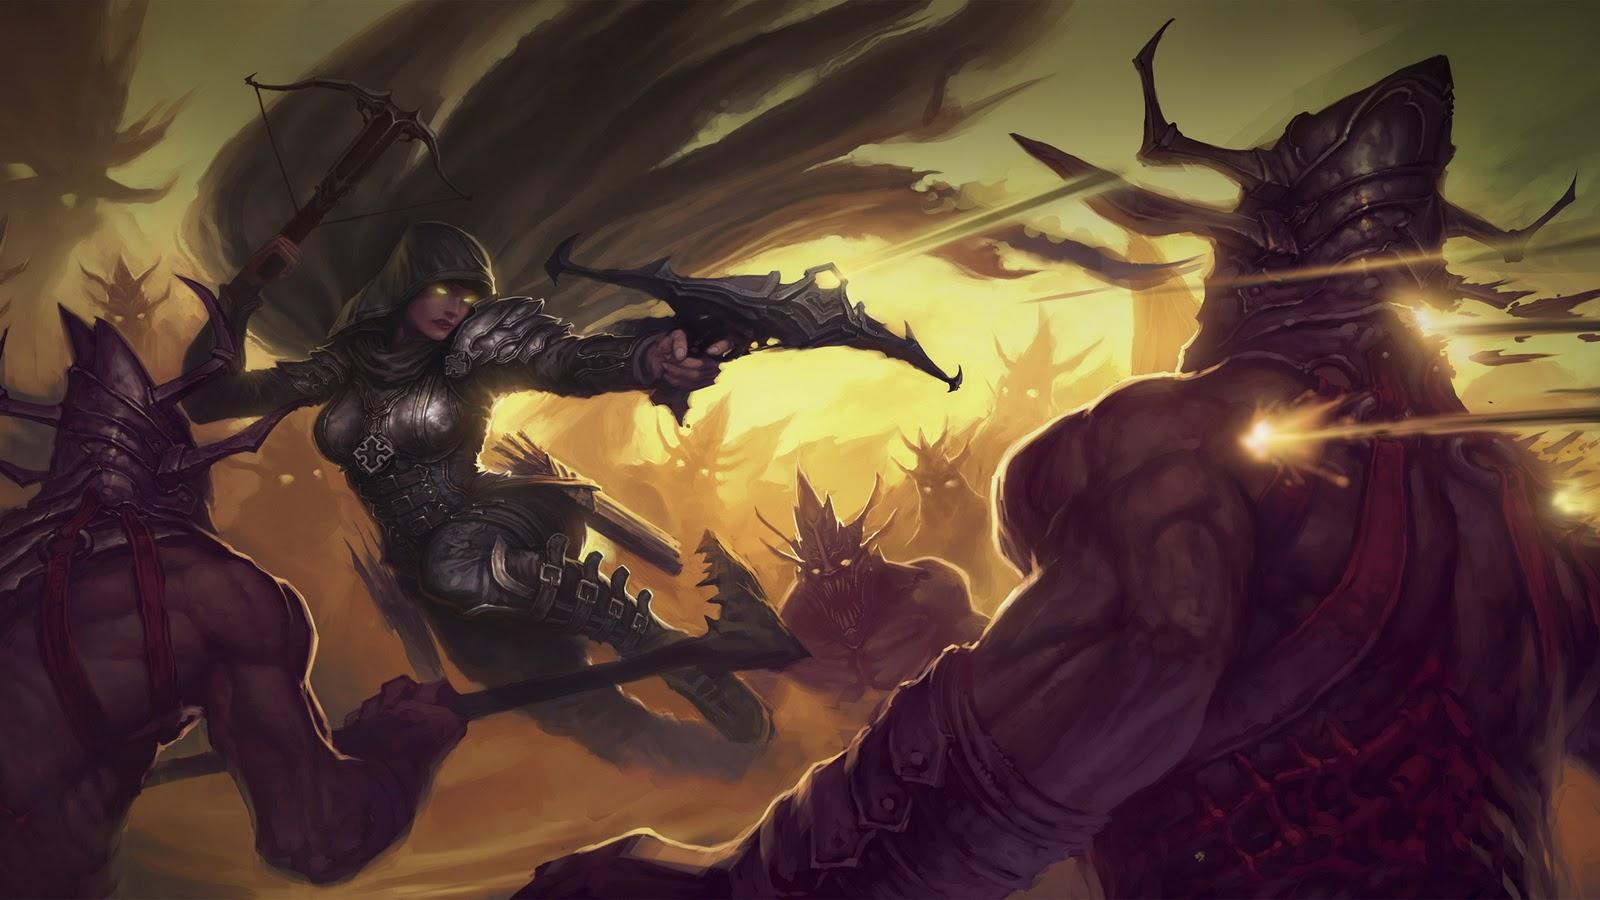 Wallpapers Photo Art Diablo 3 Wallpaper Diablo III Wallpaper Game 1600x900